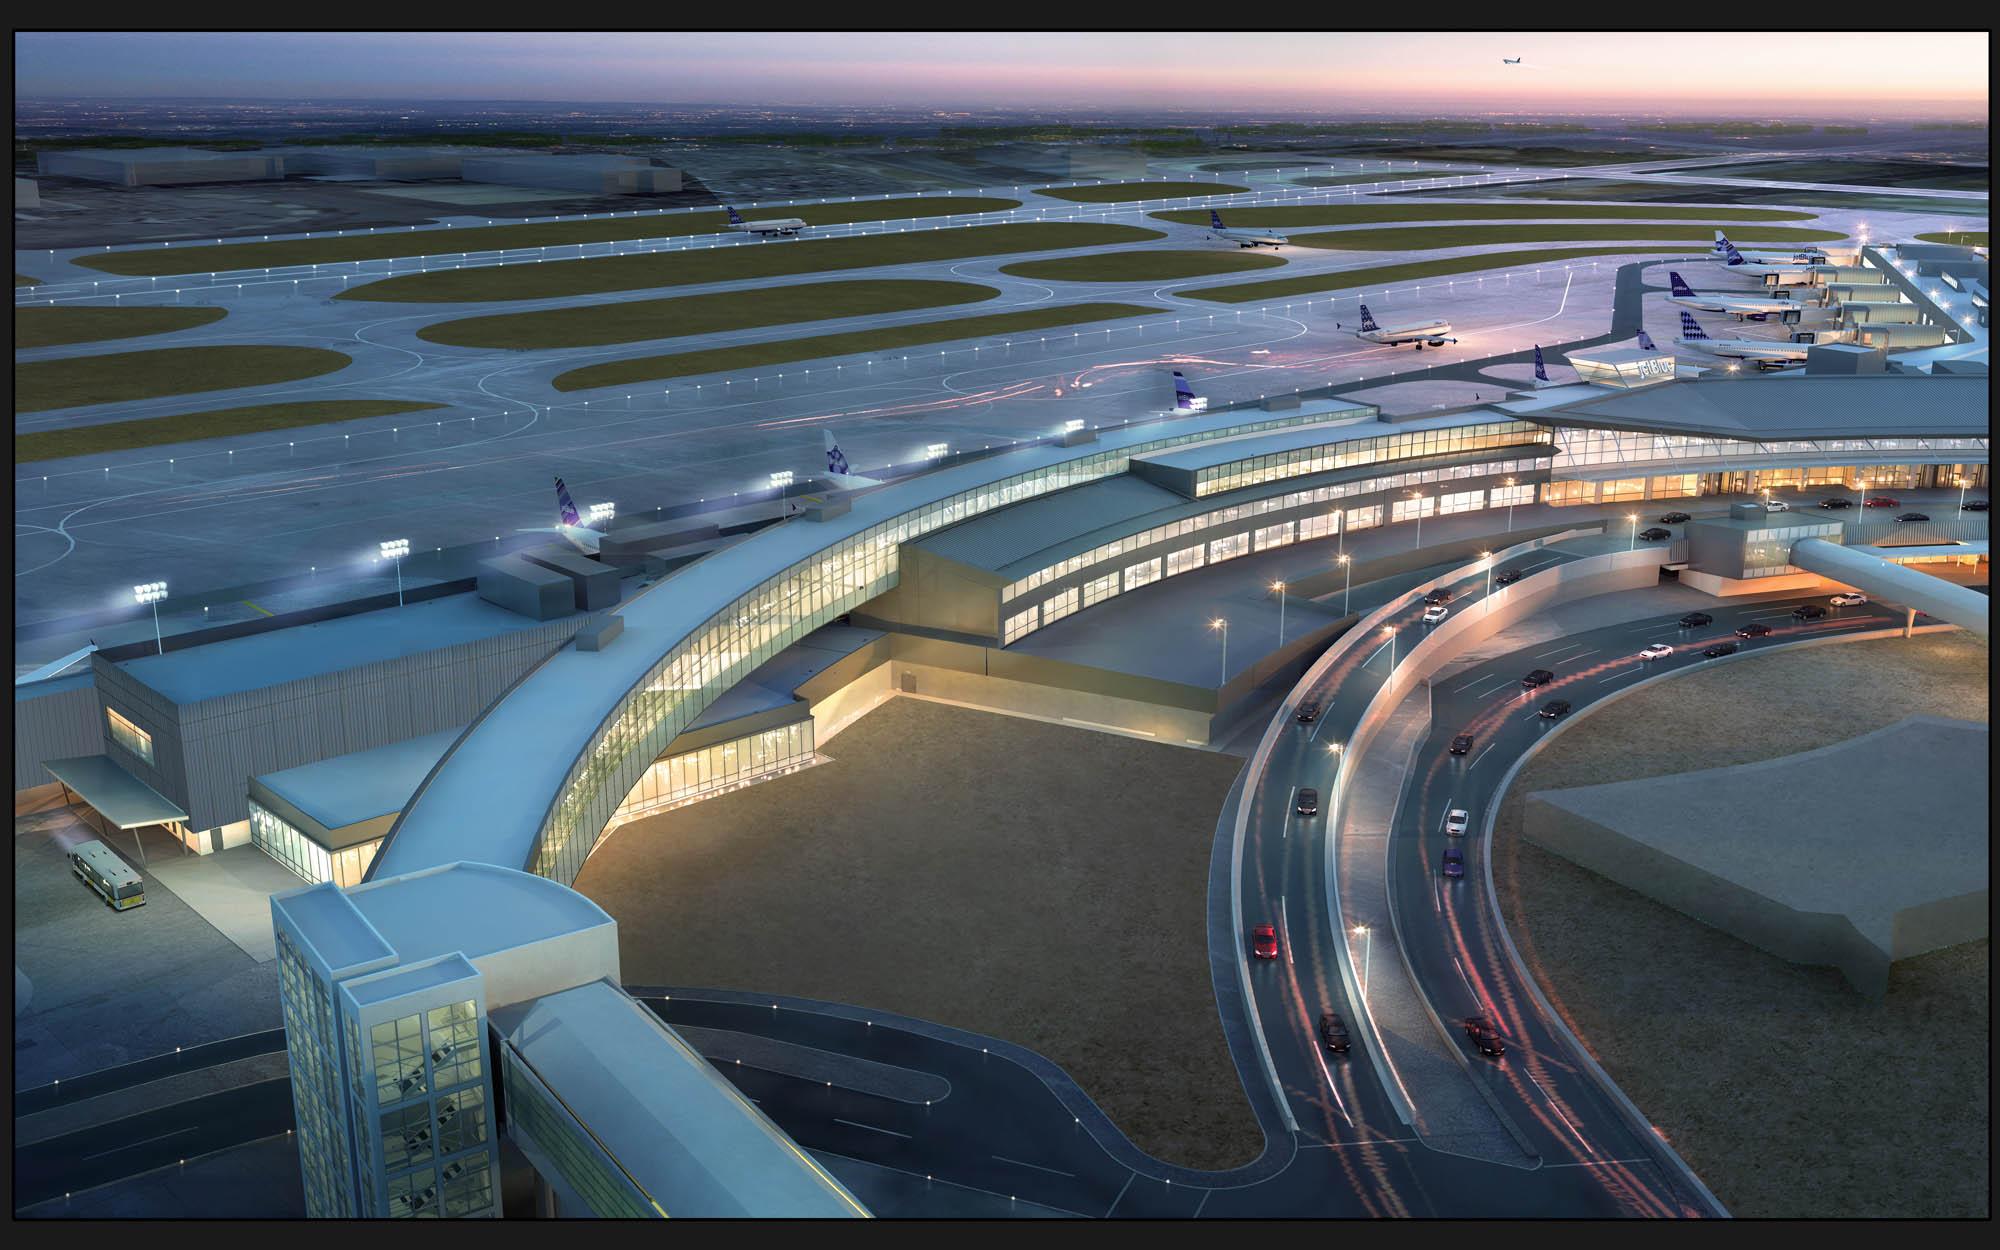 JetBlue's T5i arrivals terminal